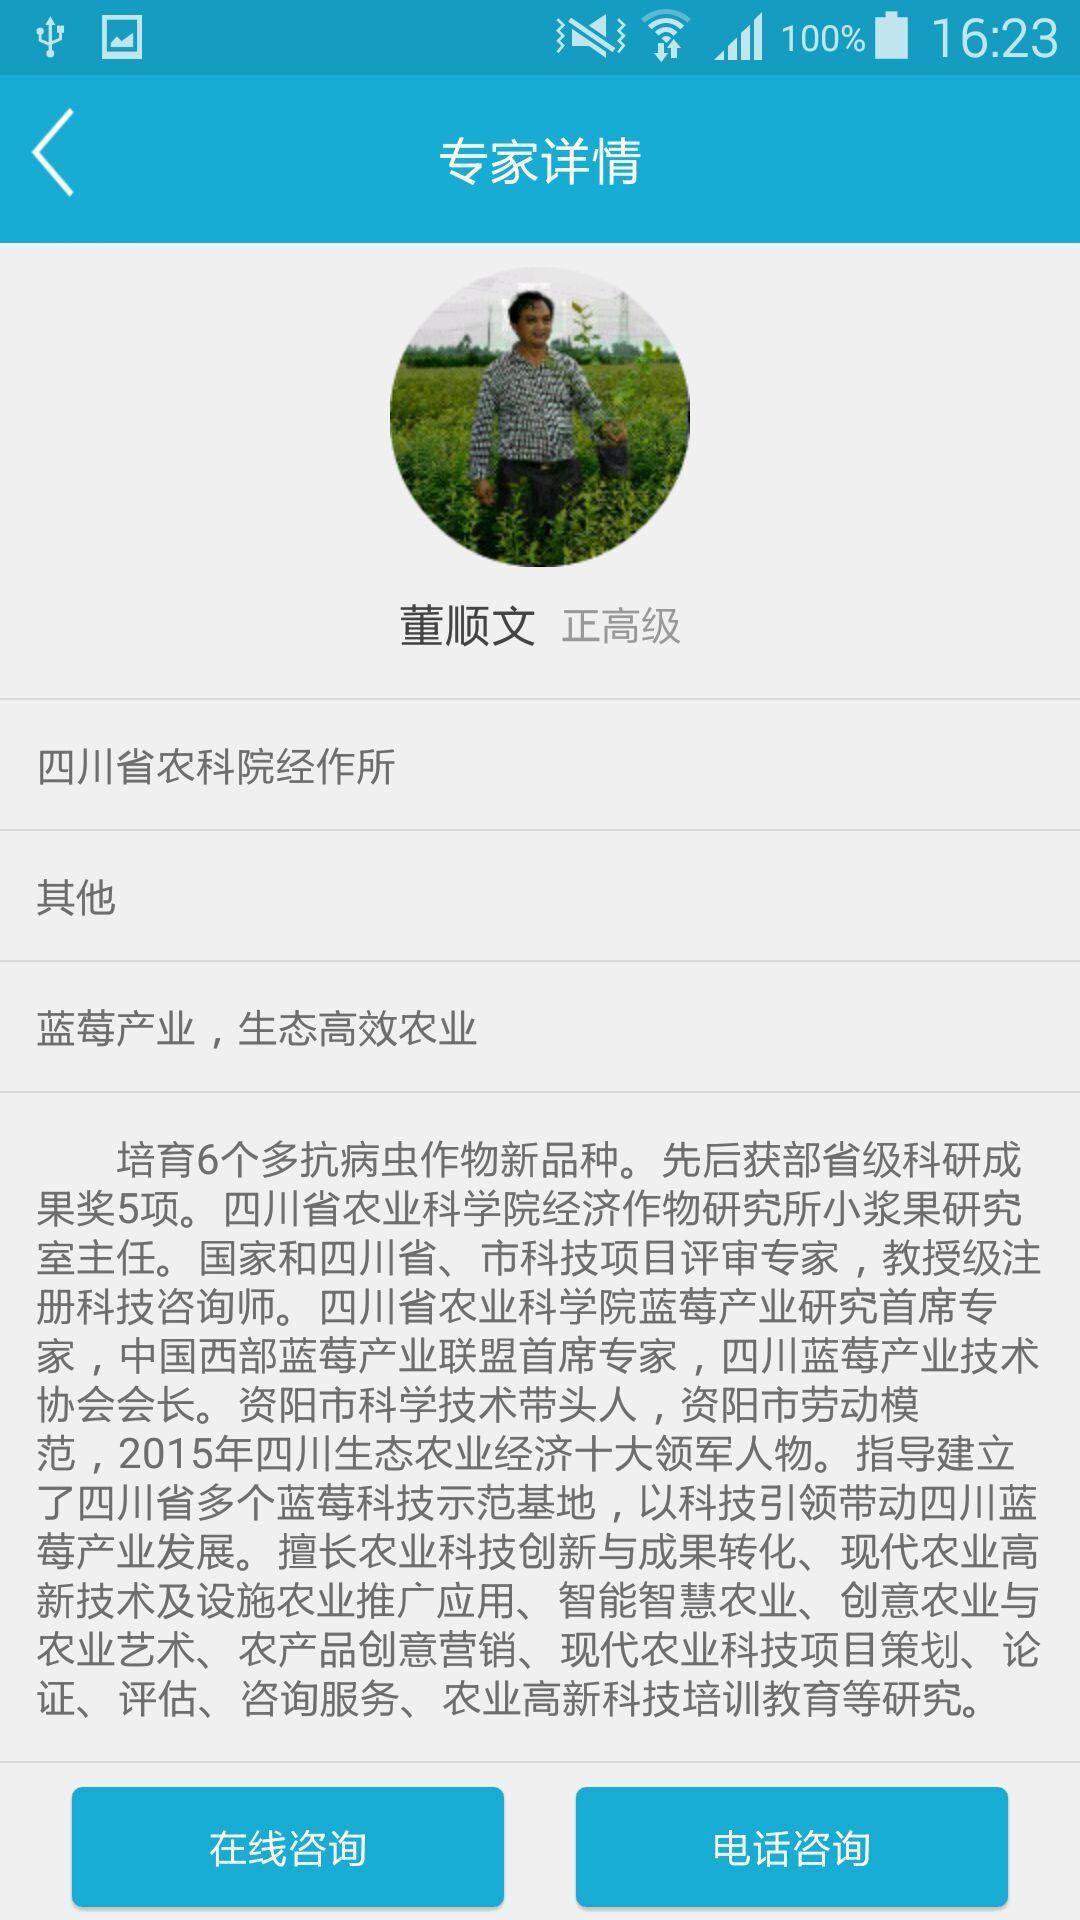 四川科技扶贫在线软件下载手机版app图片1